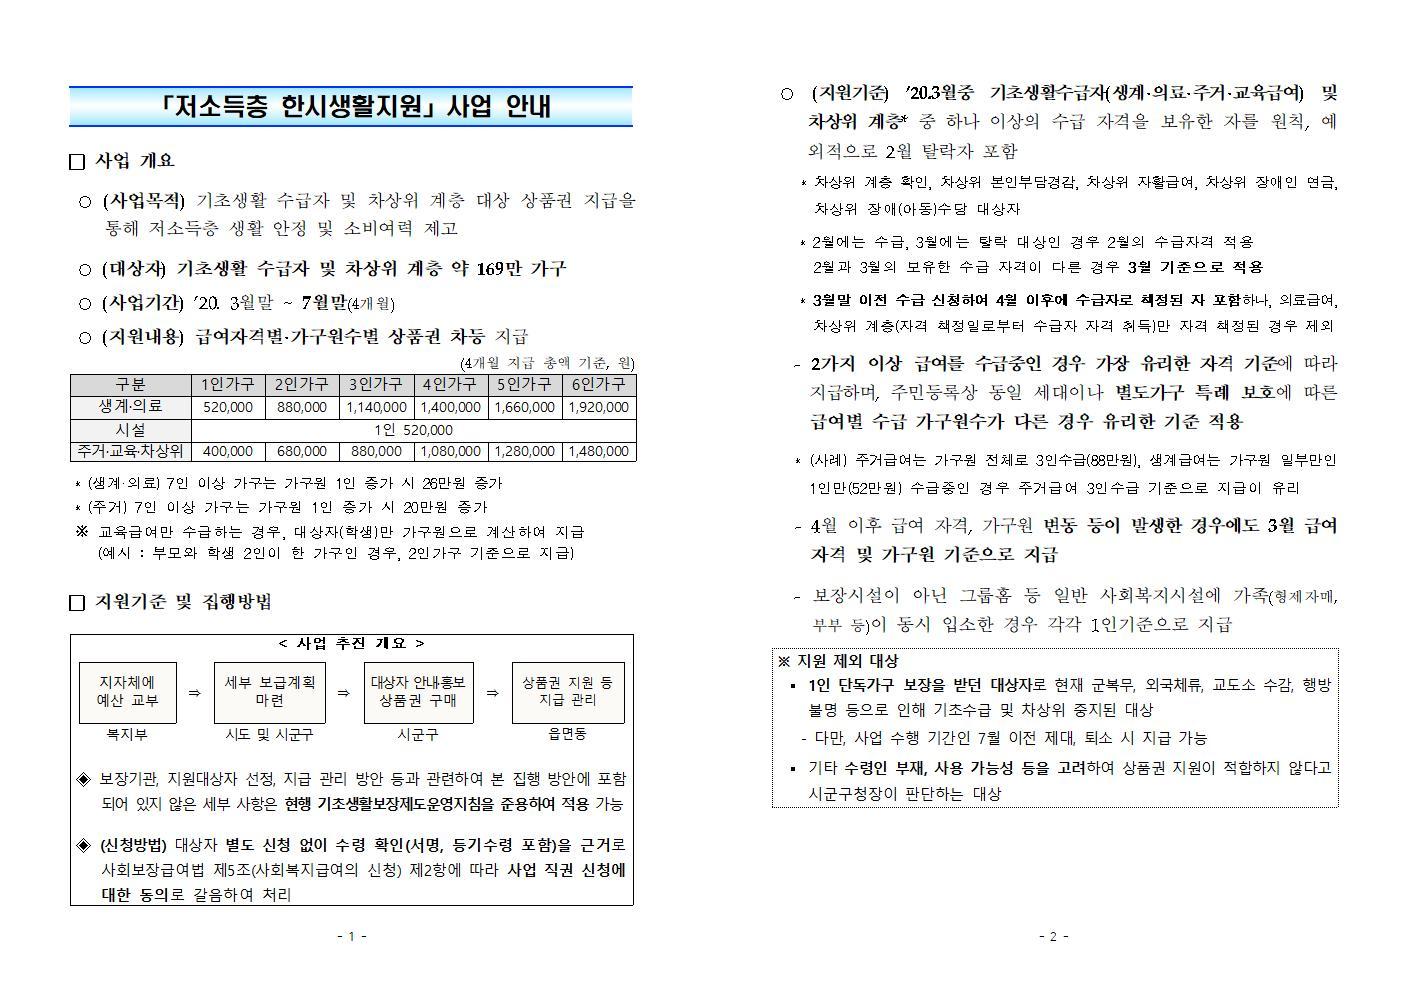 200312 저소득층 한시생활지원 사업안내(1차 지자체 송부)001.jpg